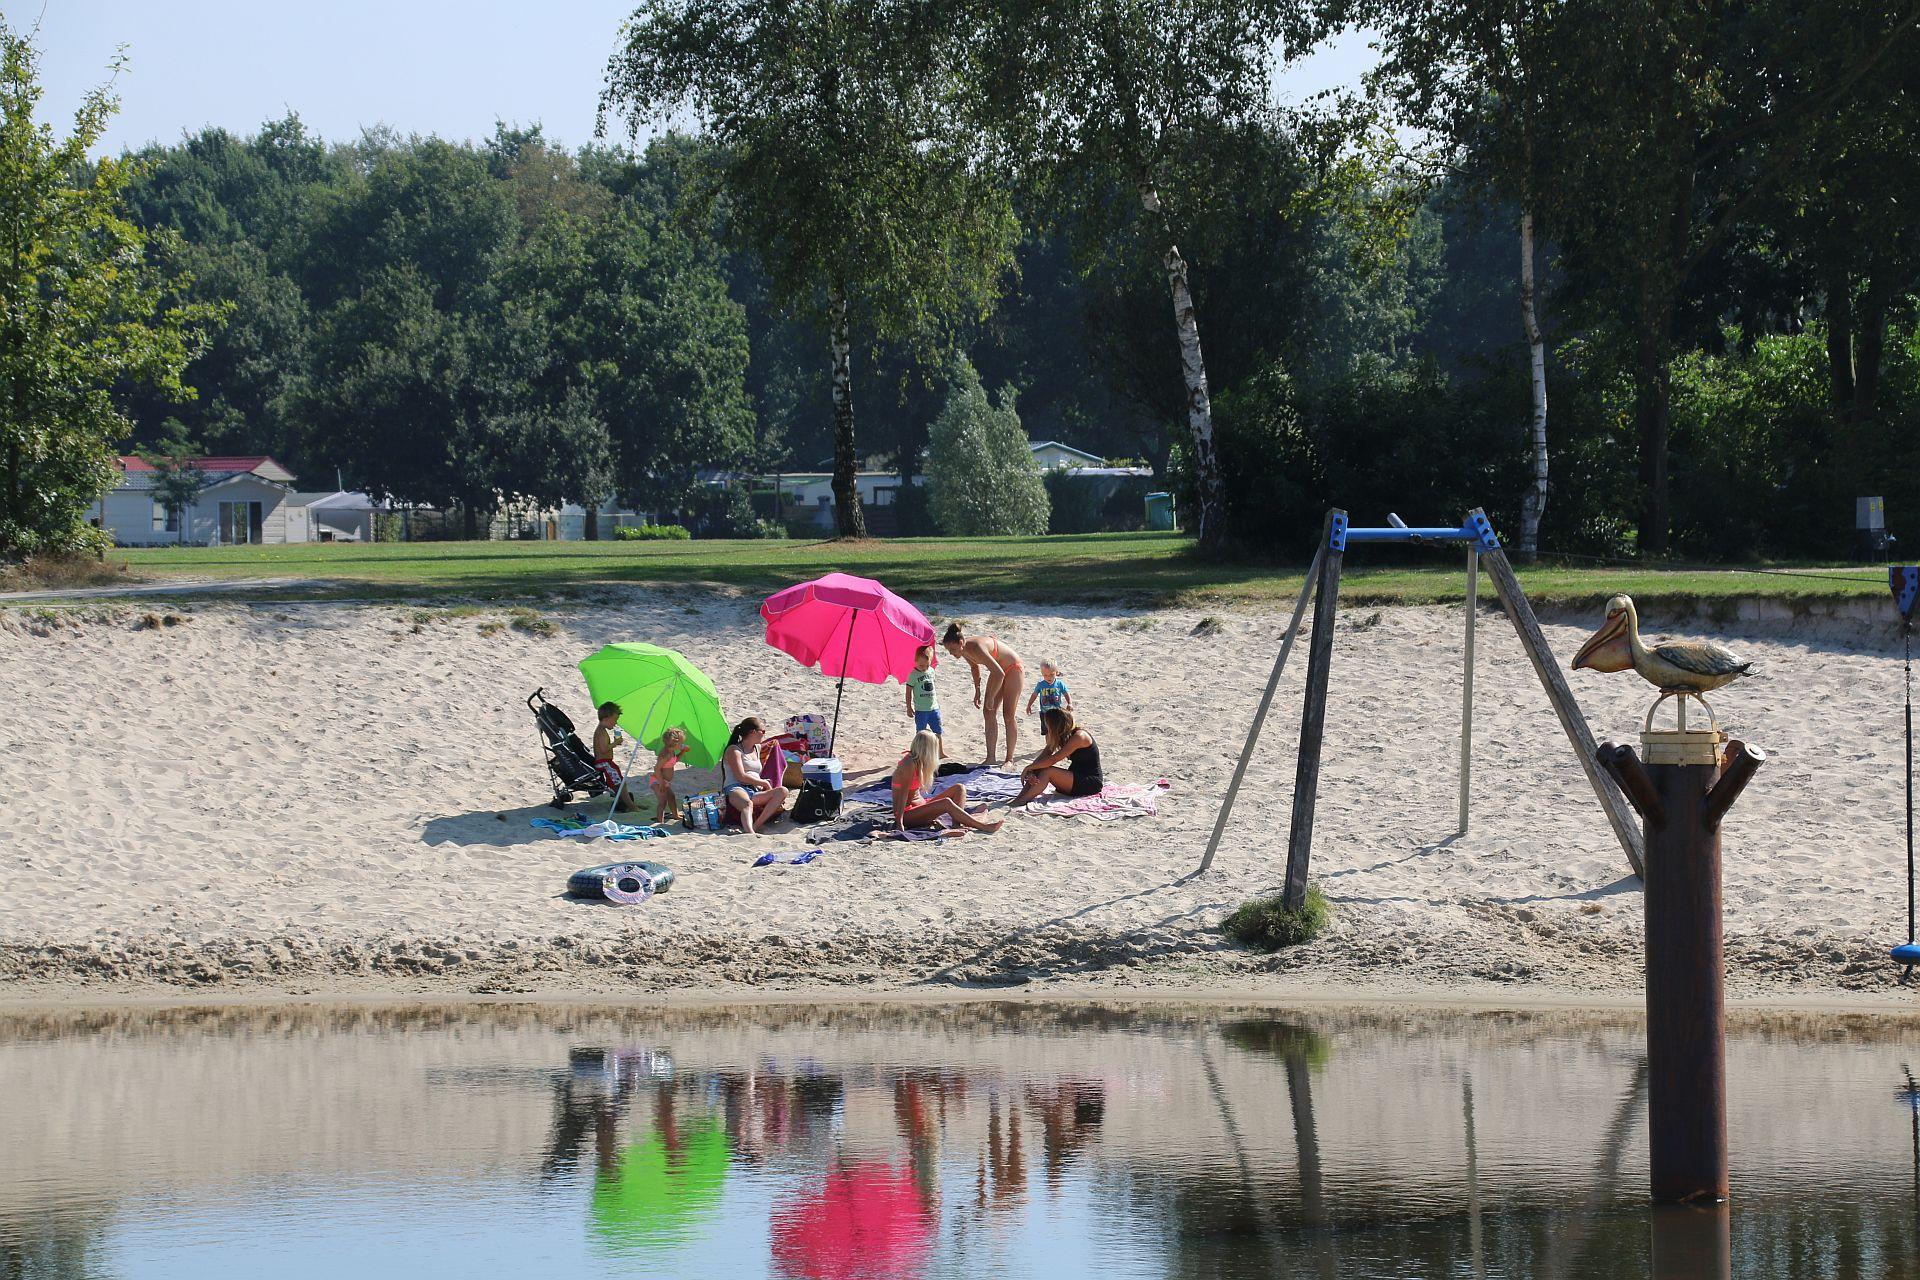 Ein Einzigartigen Strandurlaub in den Niederlanden - Strandurlaub in den Niederlanden